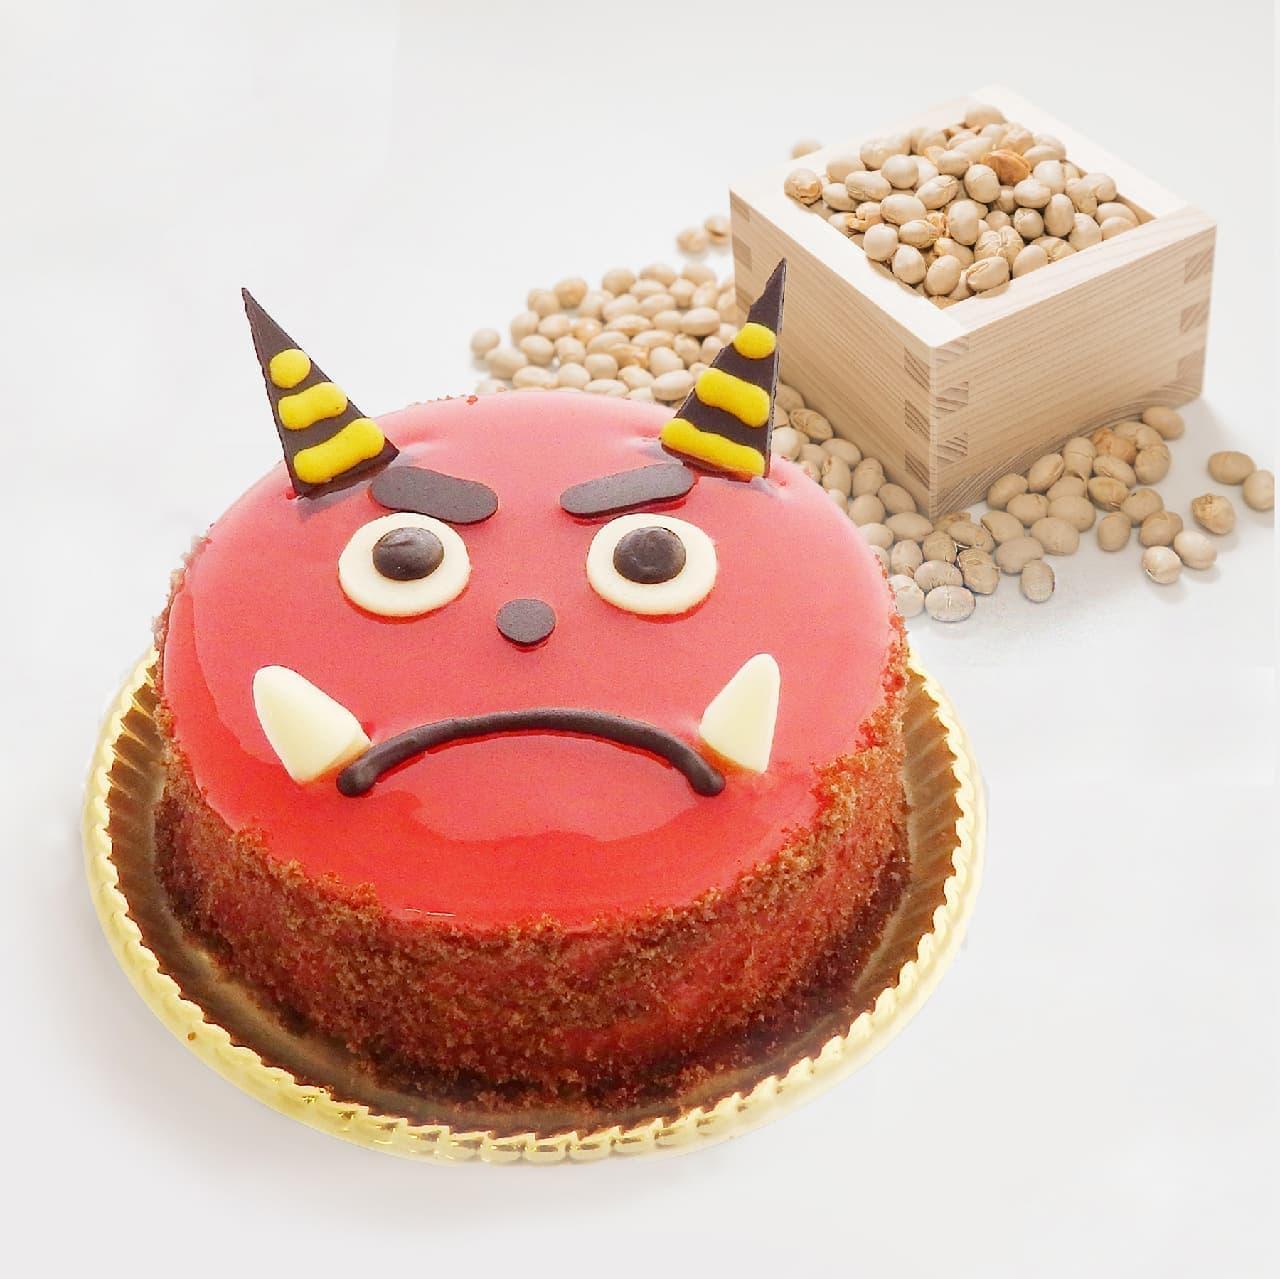 ユーハイム「おにのケーキ」